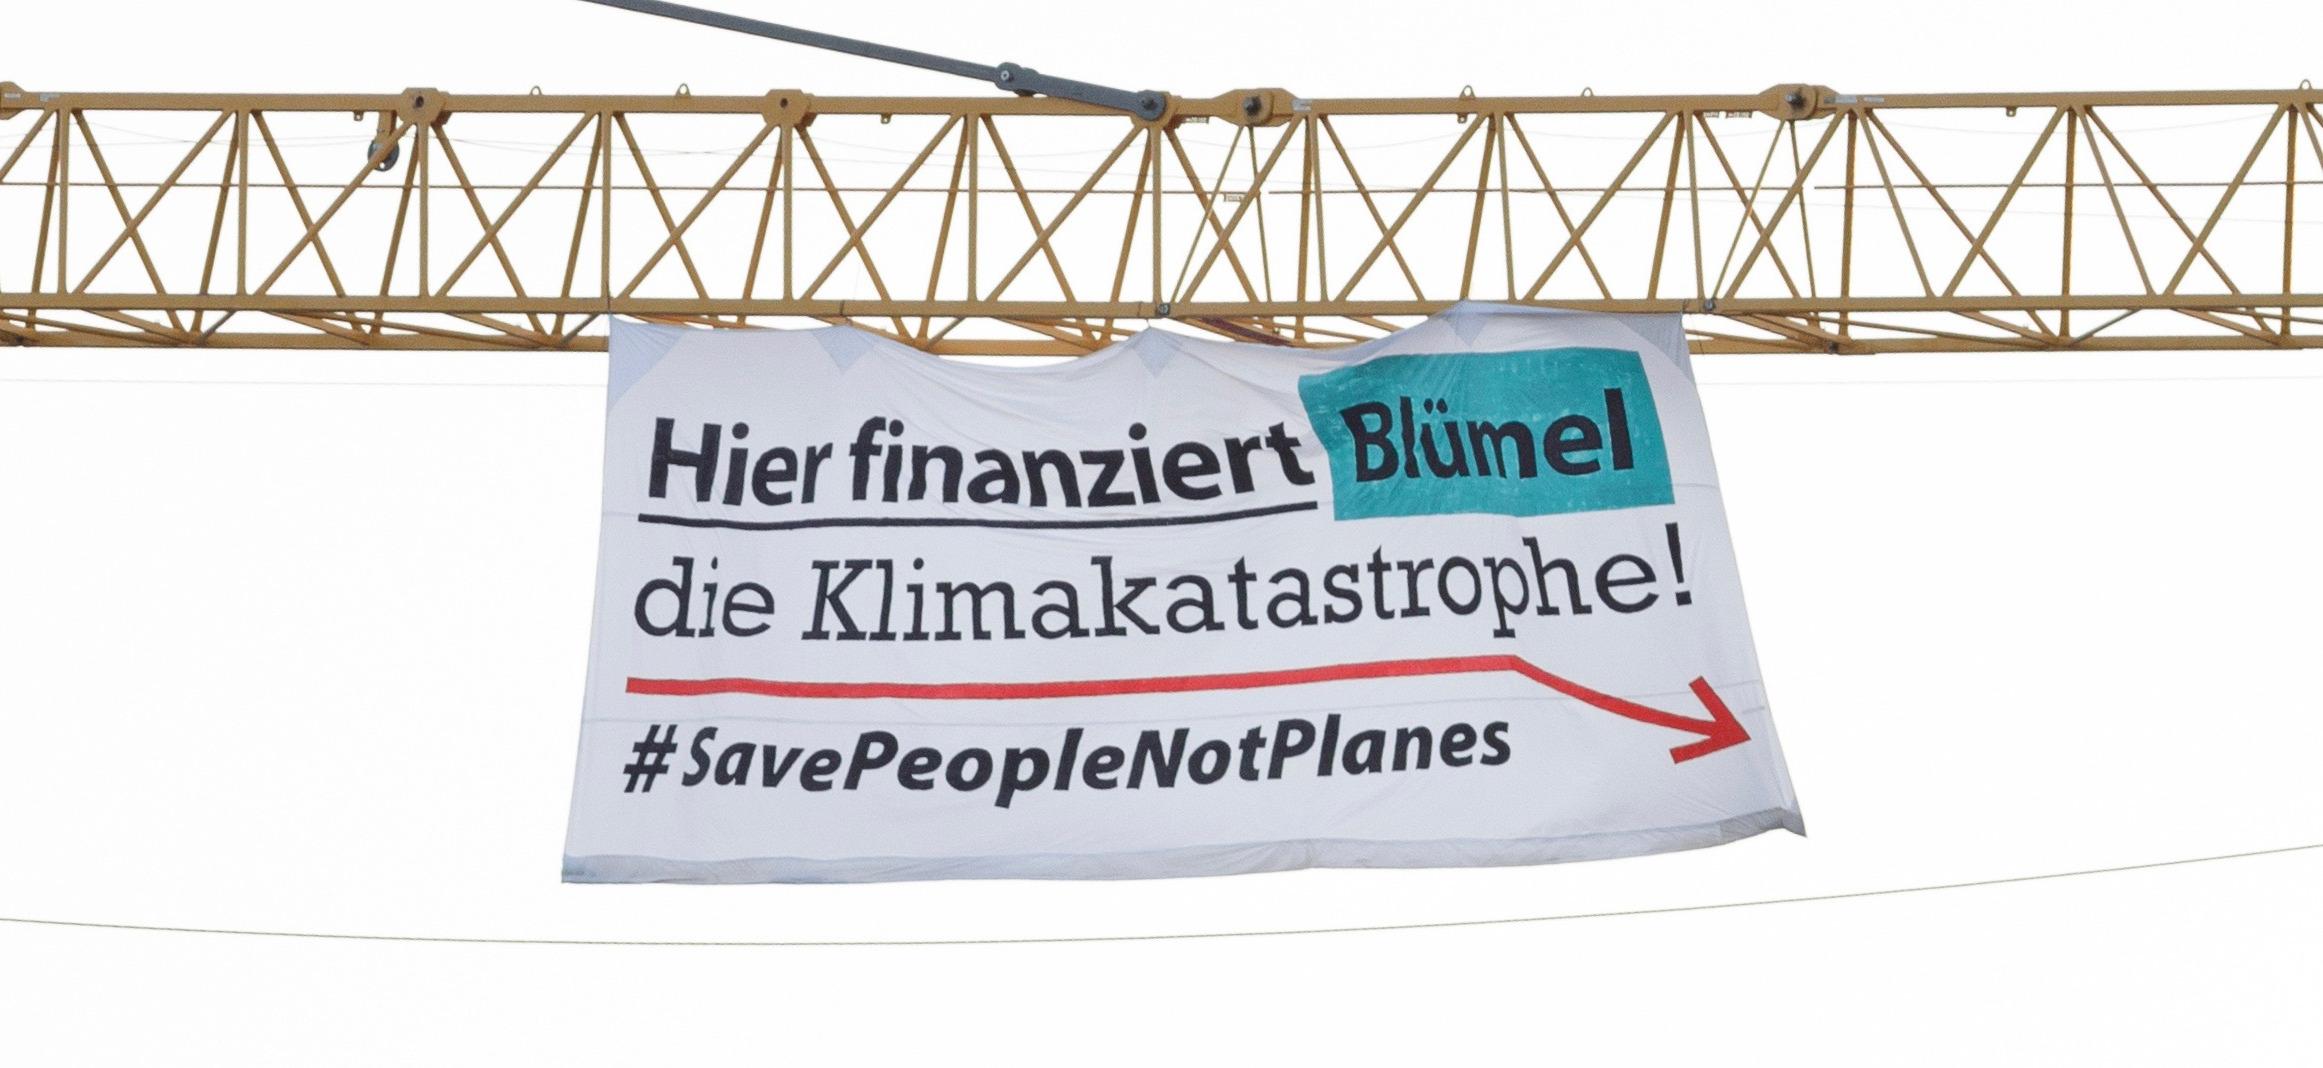 #SavePeopleNotPlanes: Keine Subventionen für die Flugindustrie!